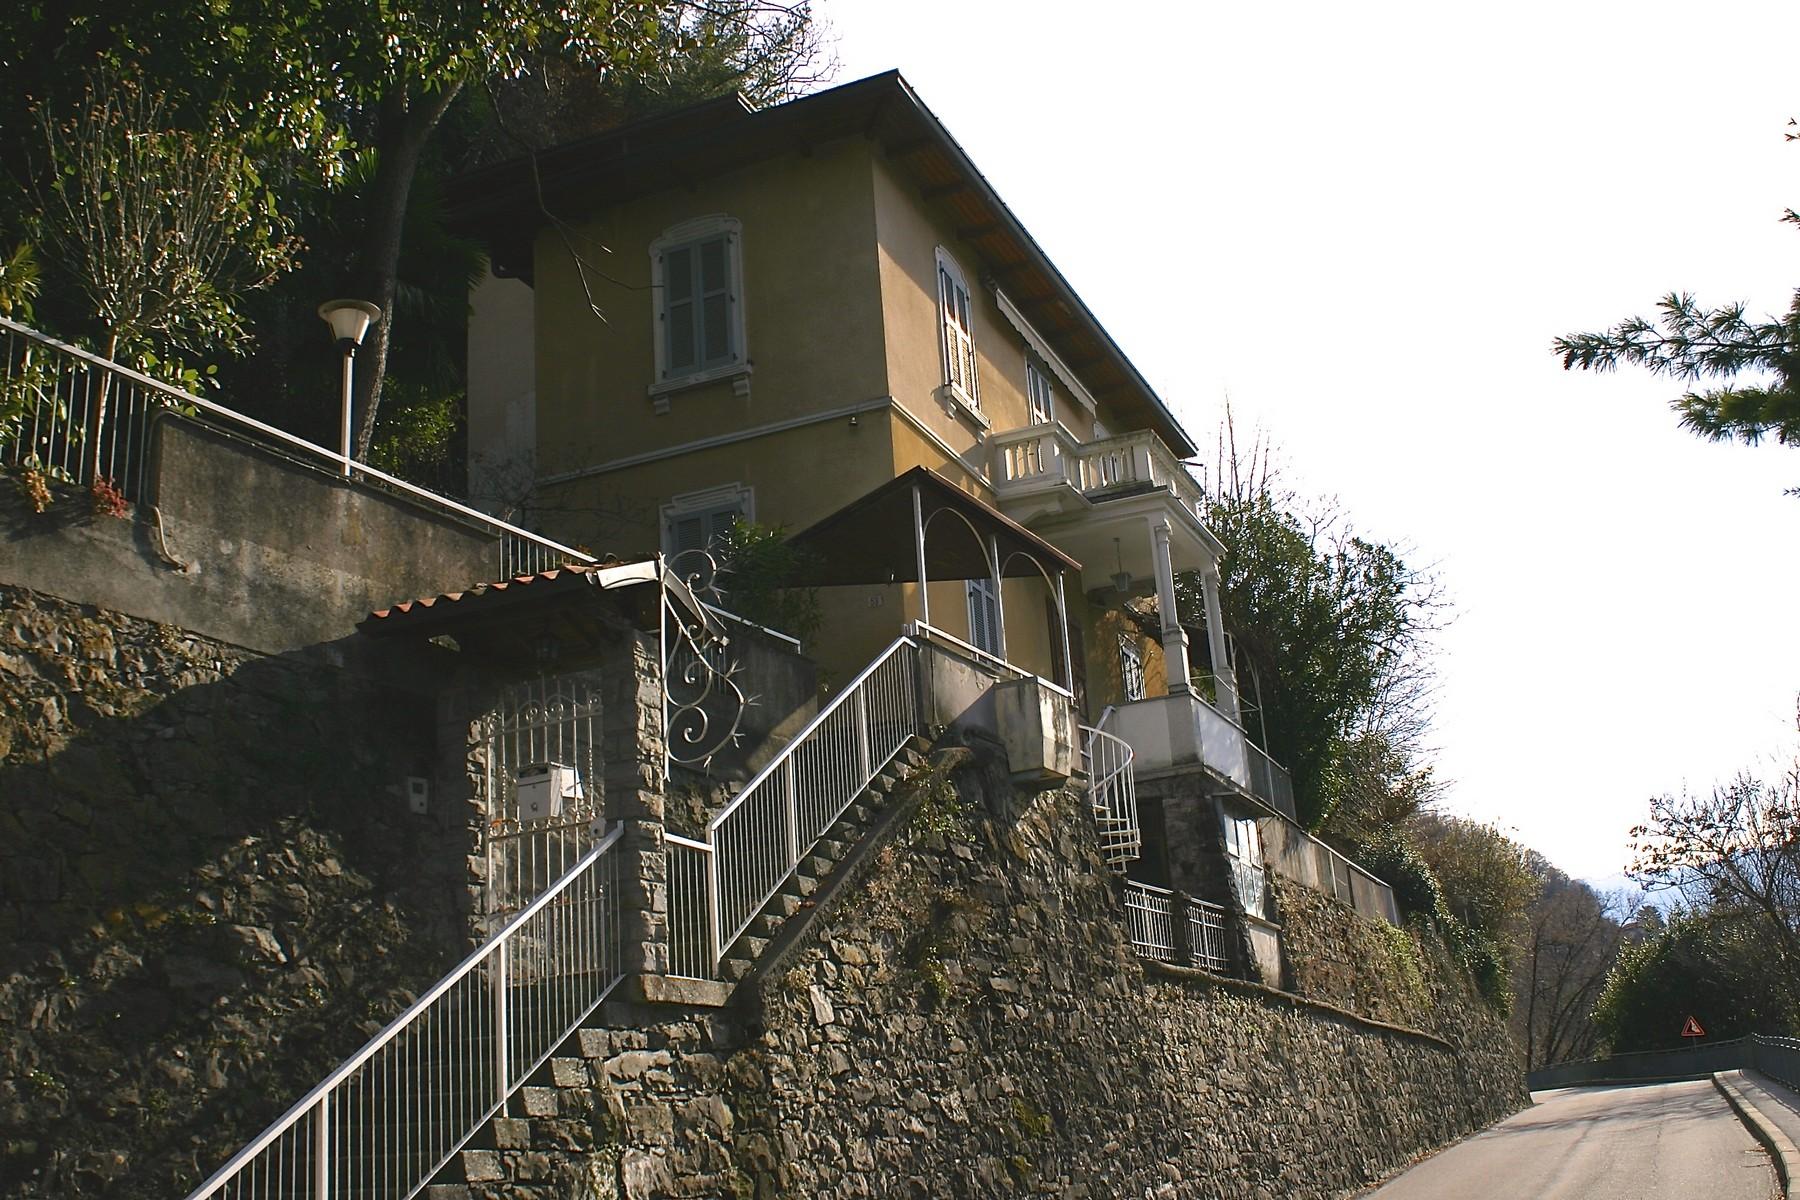 Villa in Vendita a Nesso: 5 locali, 250 mq - Foto 2